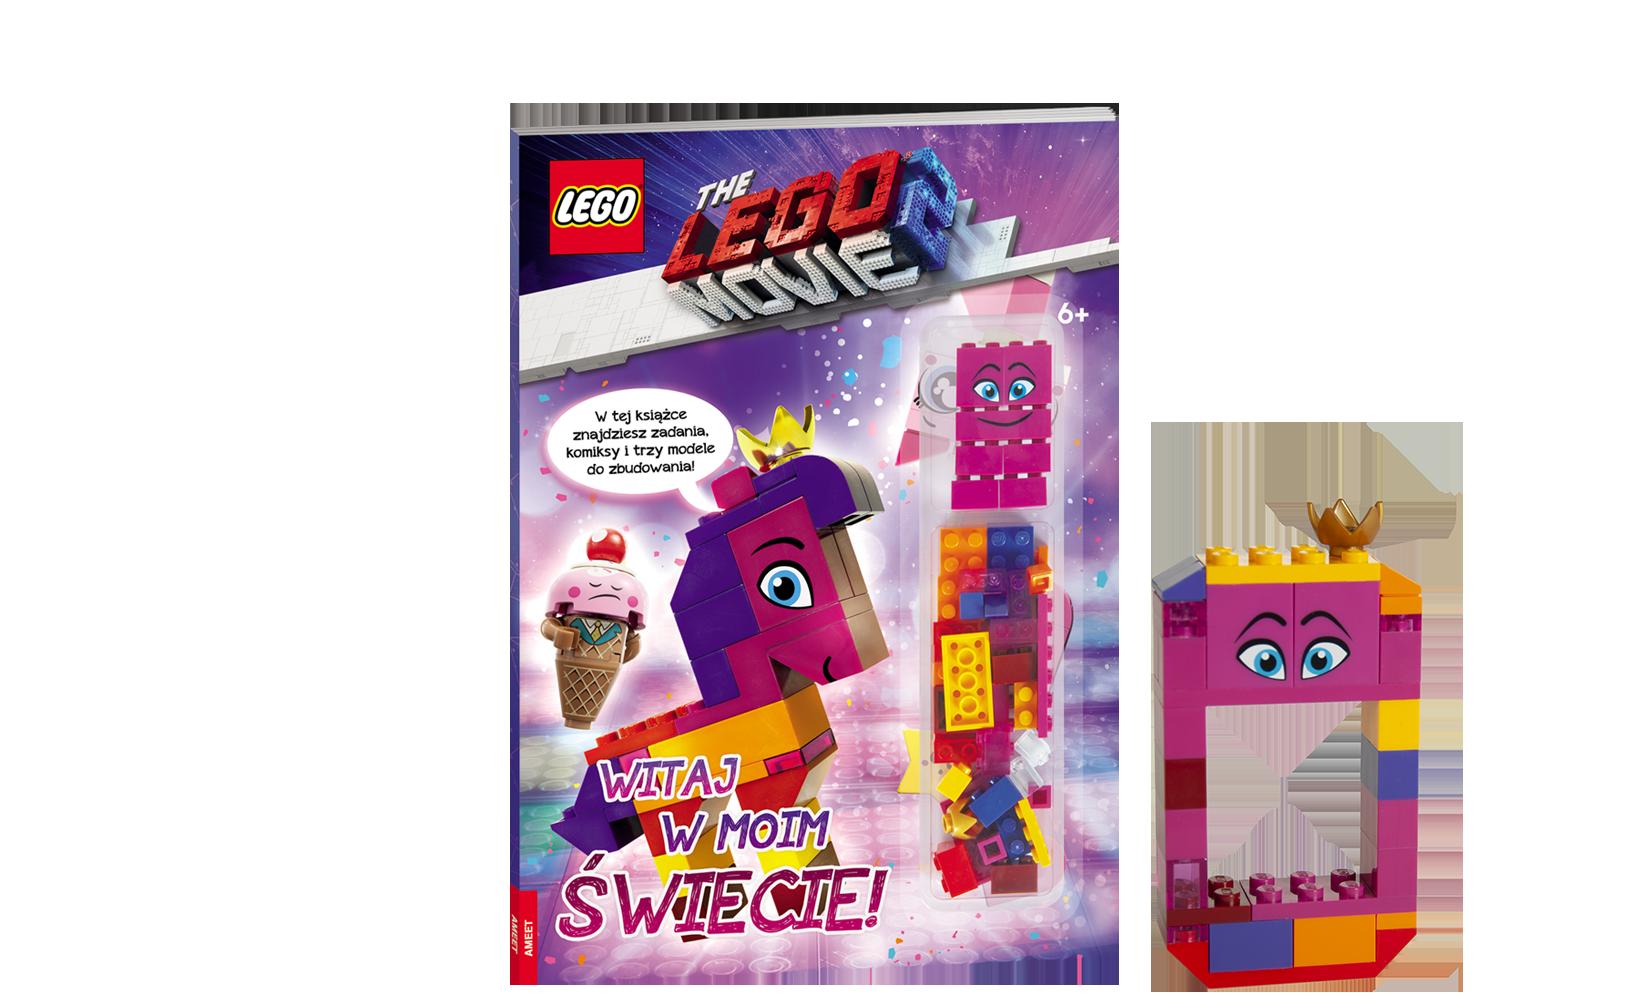 THE LEGO® MOVIE 2™. WITAJ WMOIM ŚWIECIE